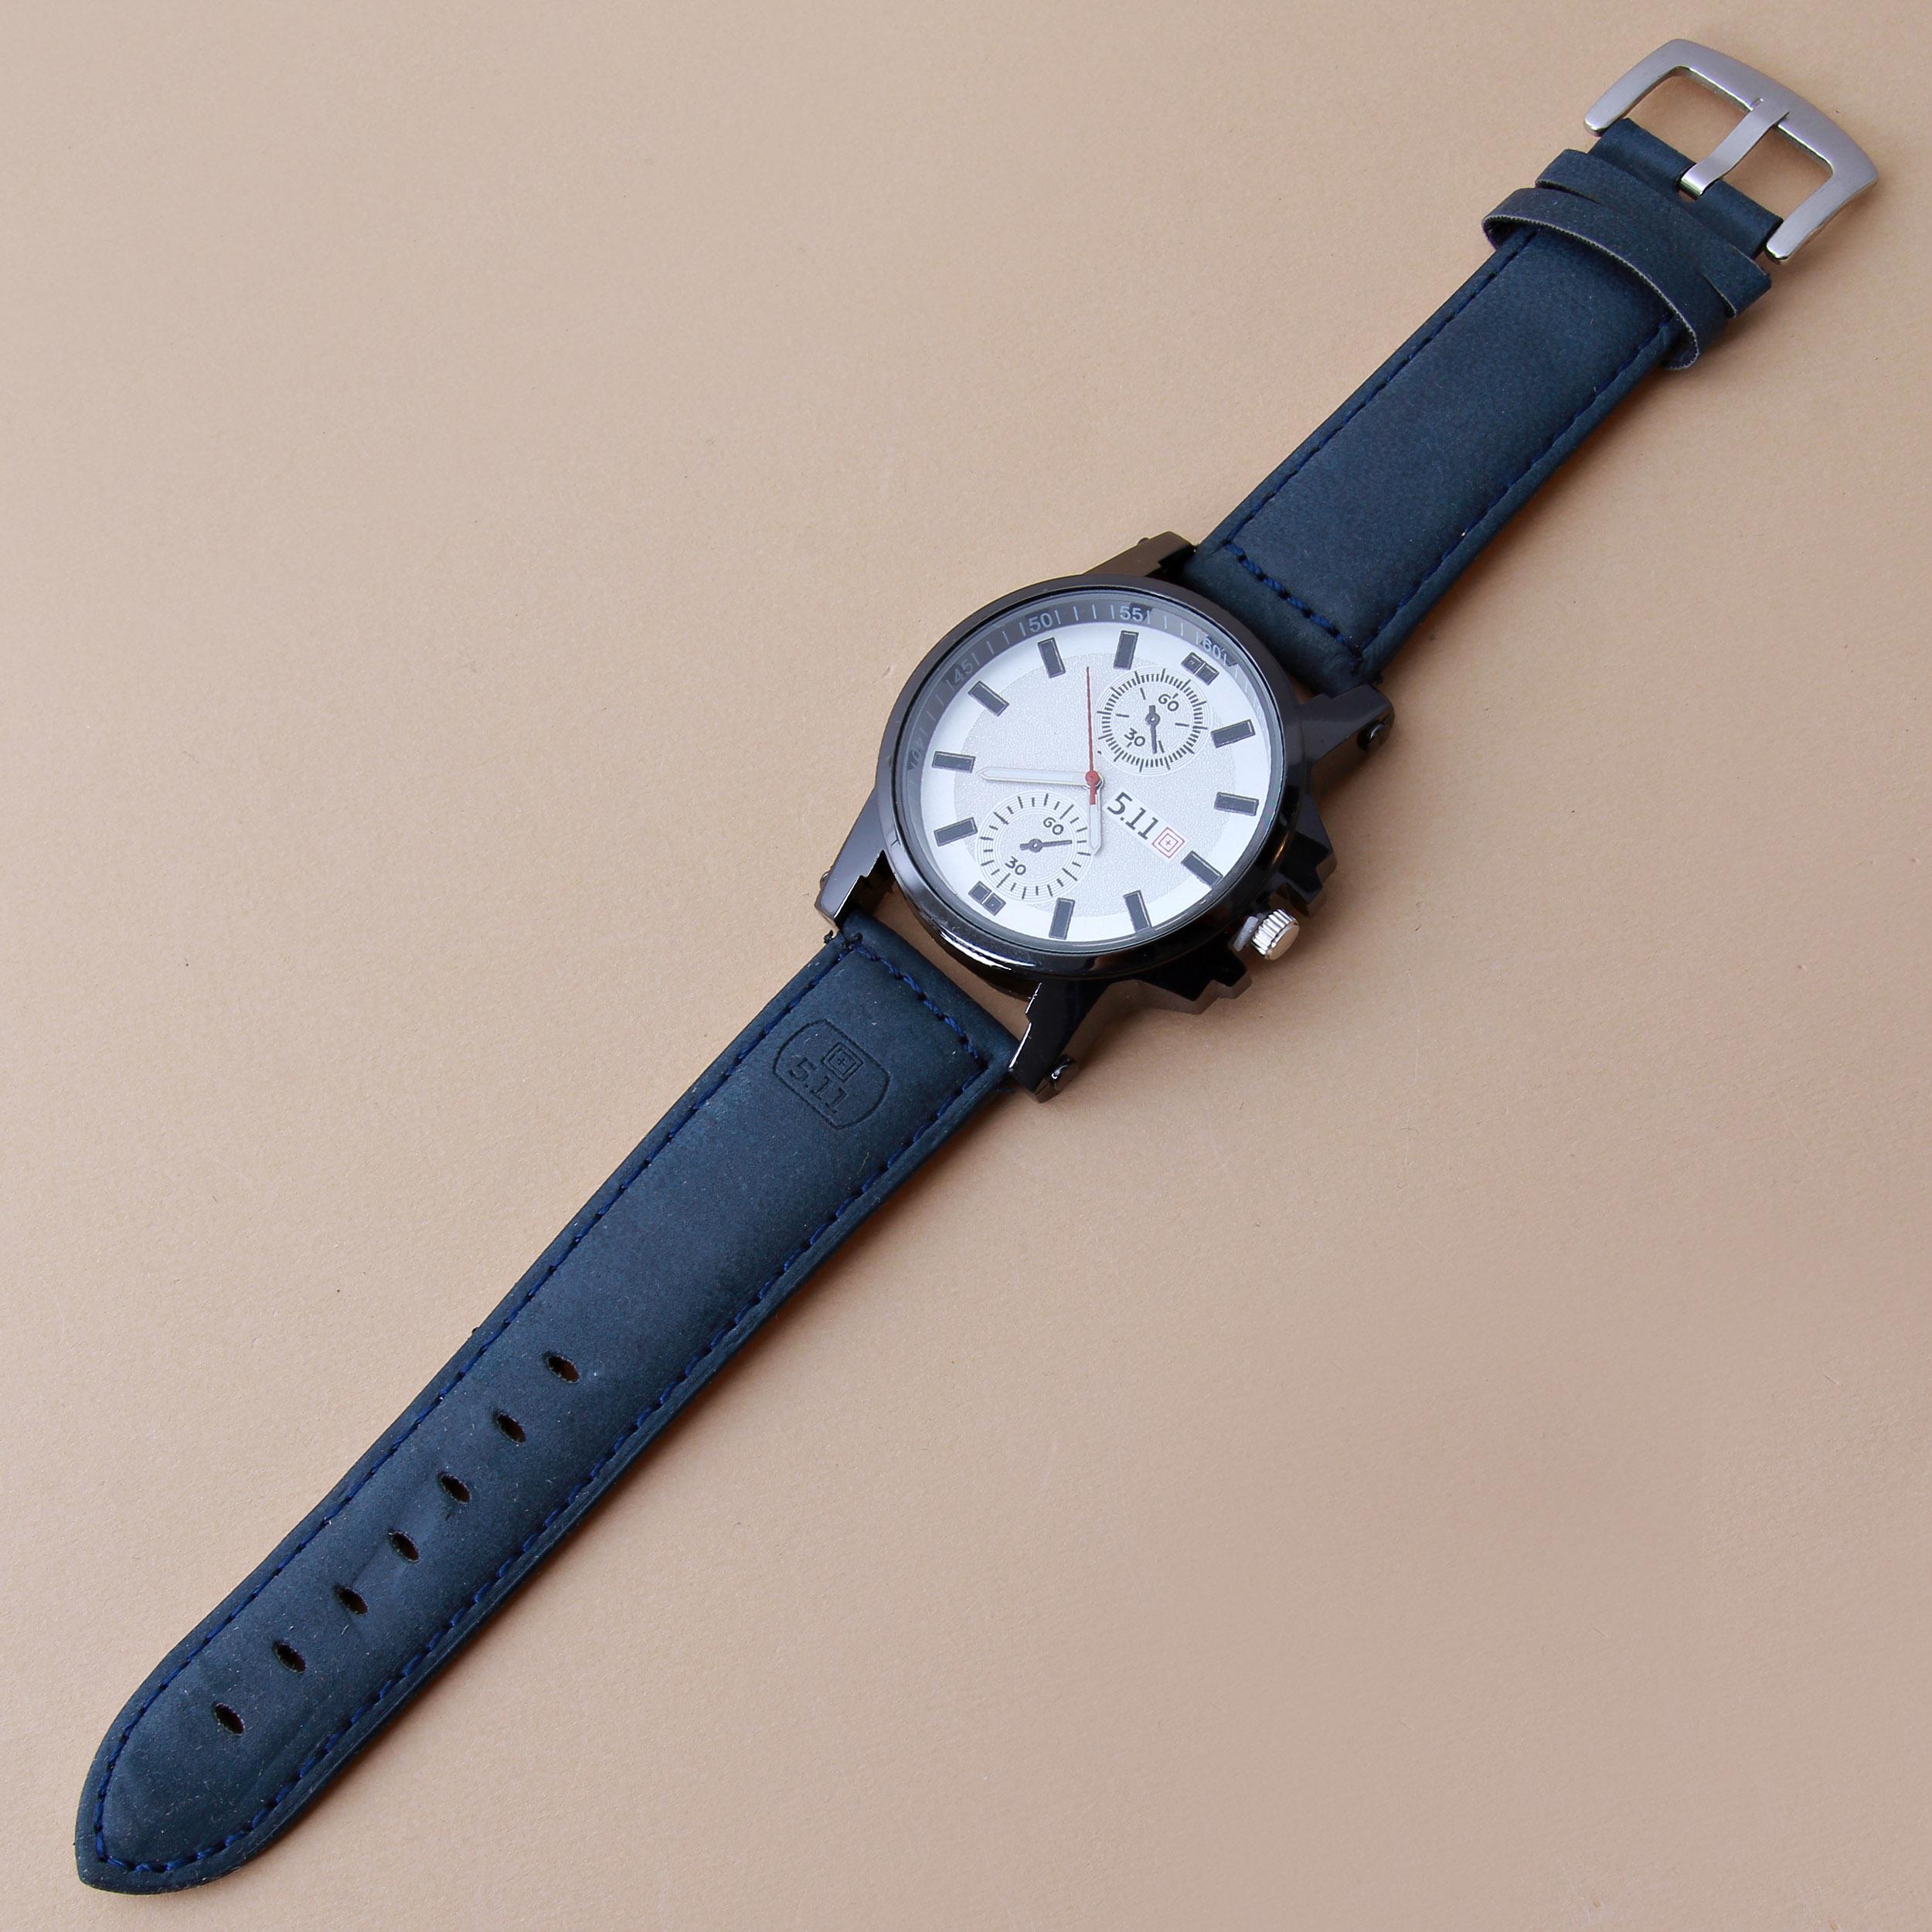 خرید                                        ساعت مچی عقربه ای مردانه کد WHM_146                     غیر اصل